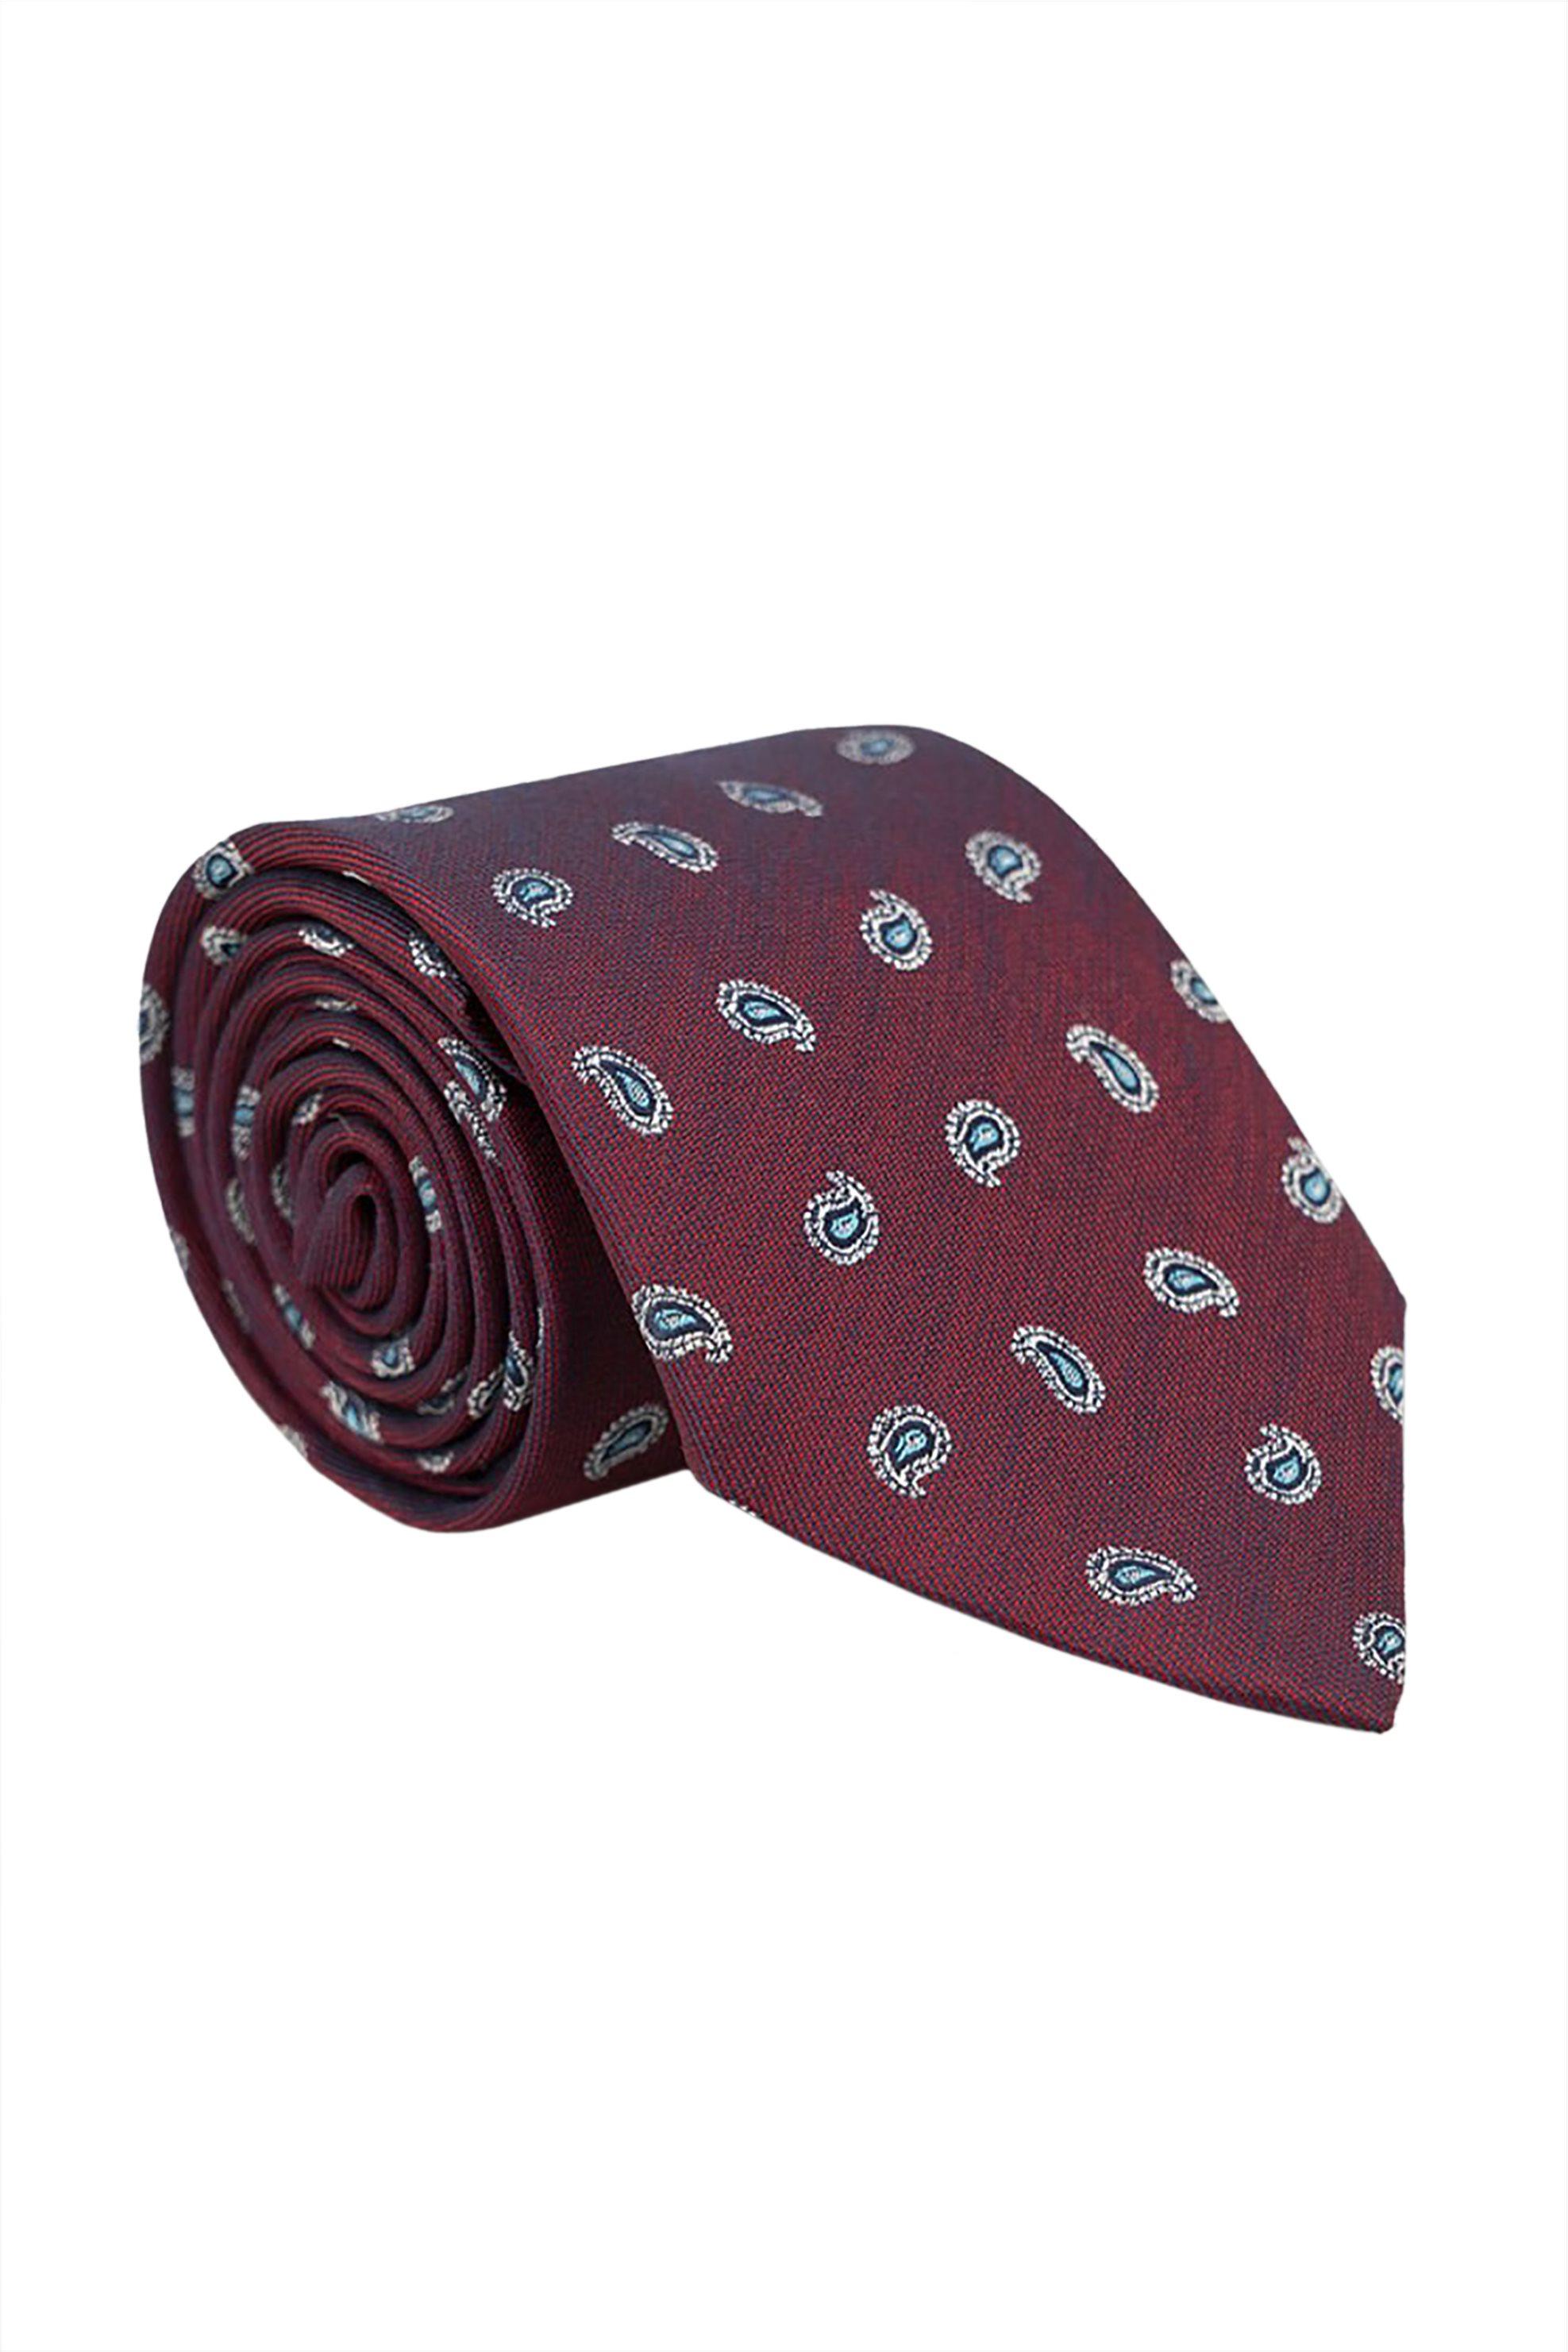 Oxford Company ανδρική μεταξωτή γραβάτα με λαχούρια - TIE51-409.03 - Μπορντό